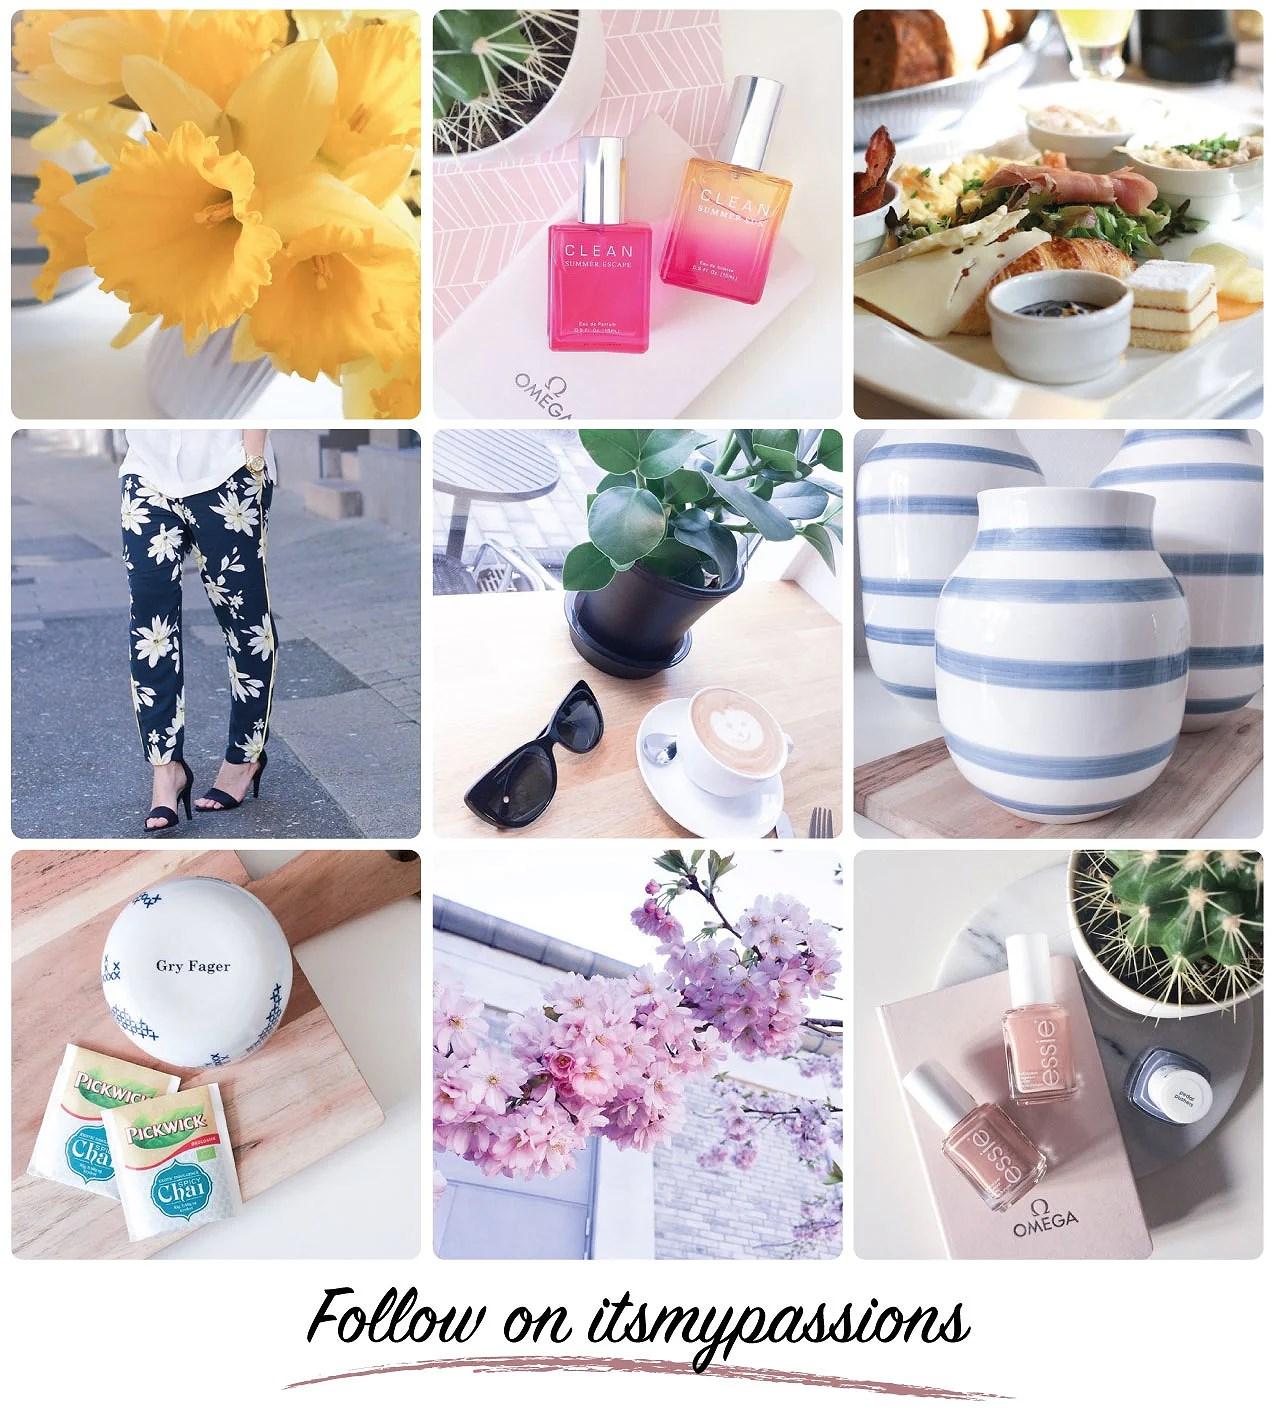 Instagram, Mode, Modeblogger, Aalborg, Mit aalborg, Julie Mænnchen, Aalborg blog, Brunch, It's My Passions